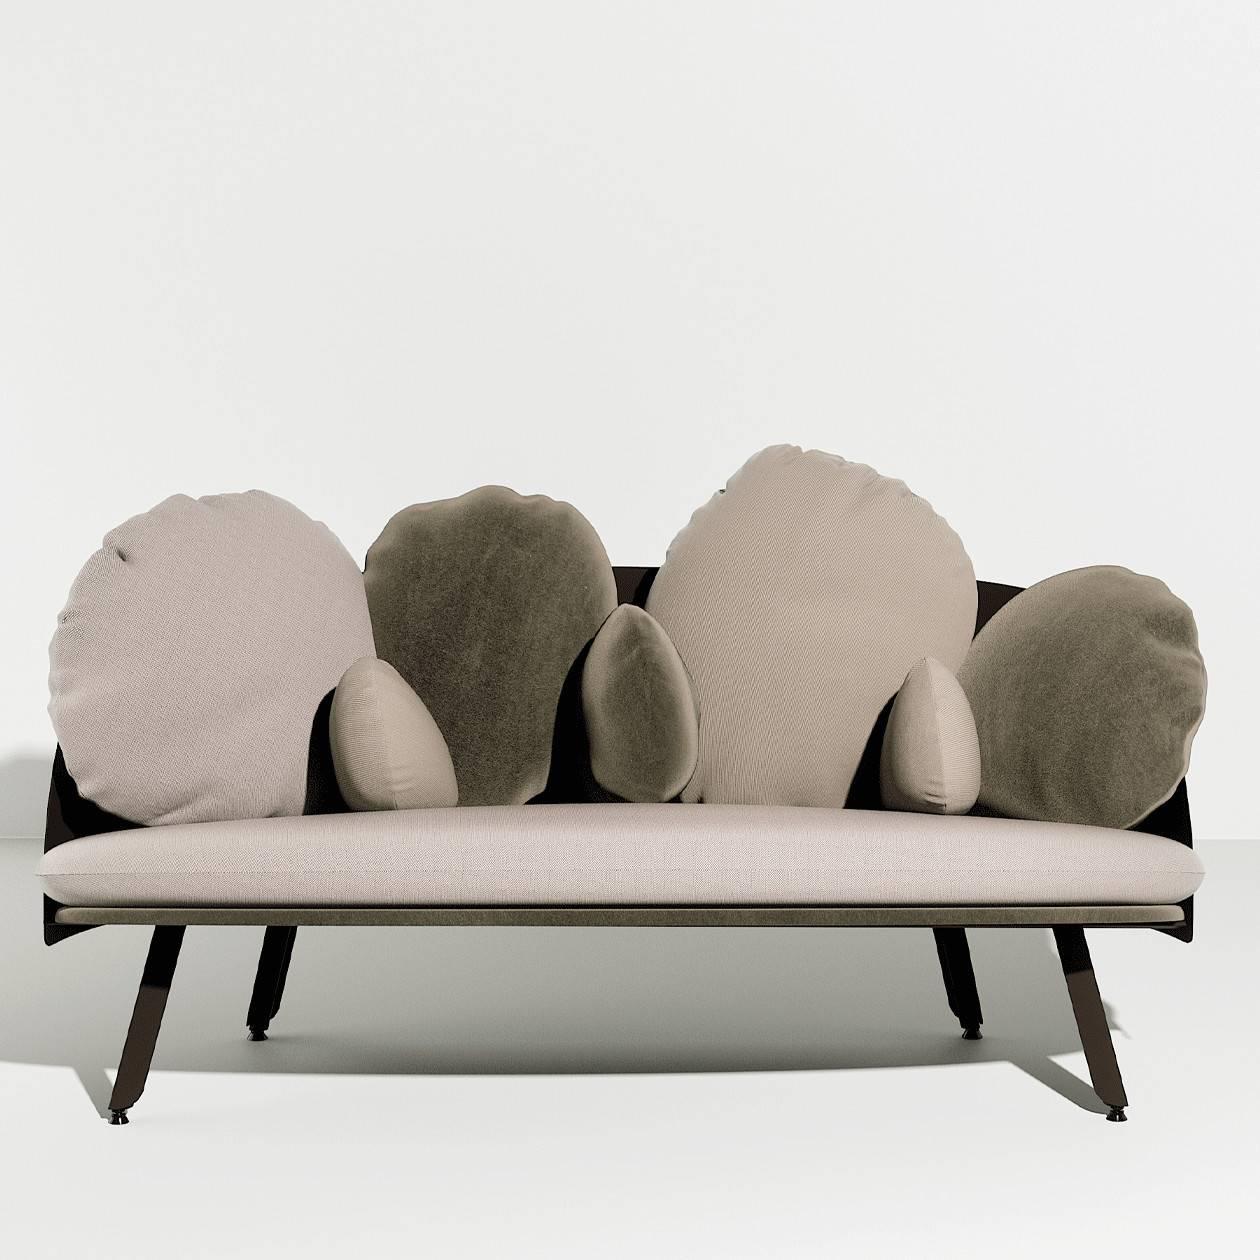 Canapé nuage NUBILO - gris beige Petite Friture